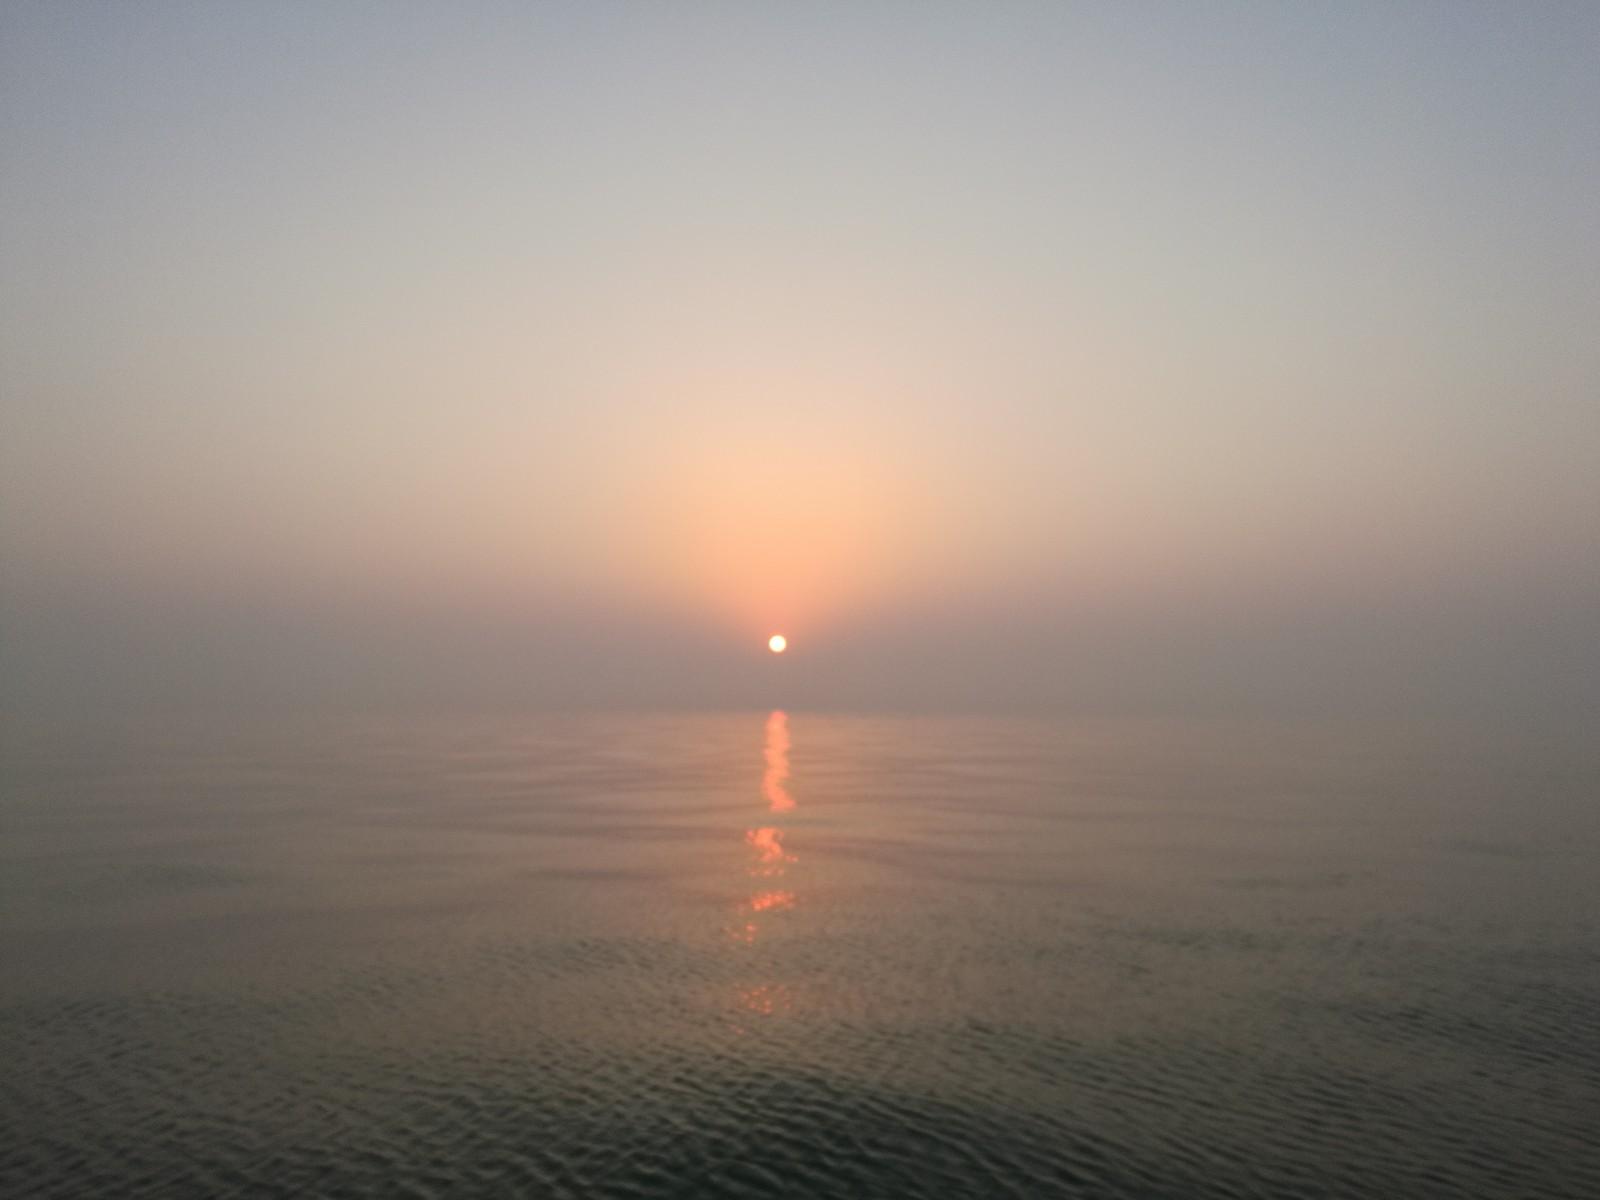 唐山,返航,航海,中篇,出处 我爱这被风带走不会再有的每一天 ,那只有我自己知道的快乐——唐山号返航记(下篇)  094920p4kru3fk